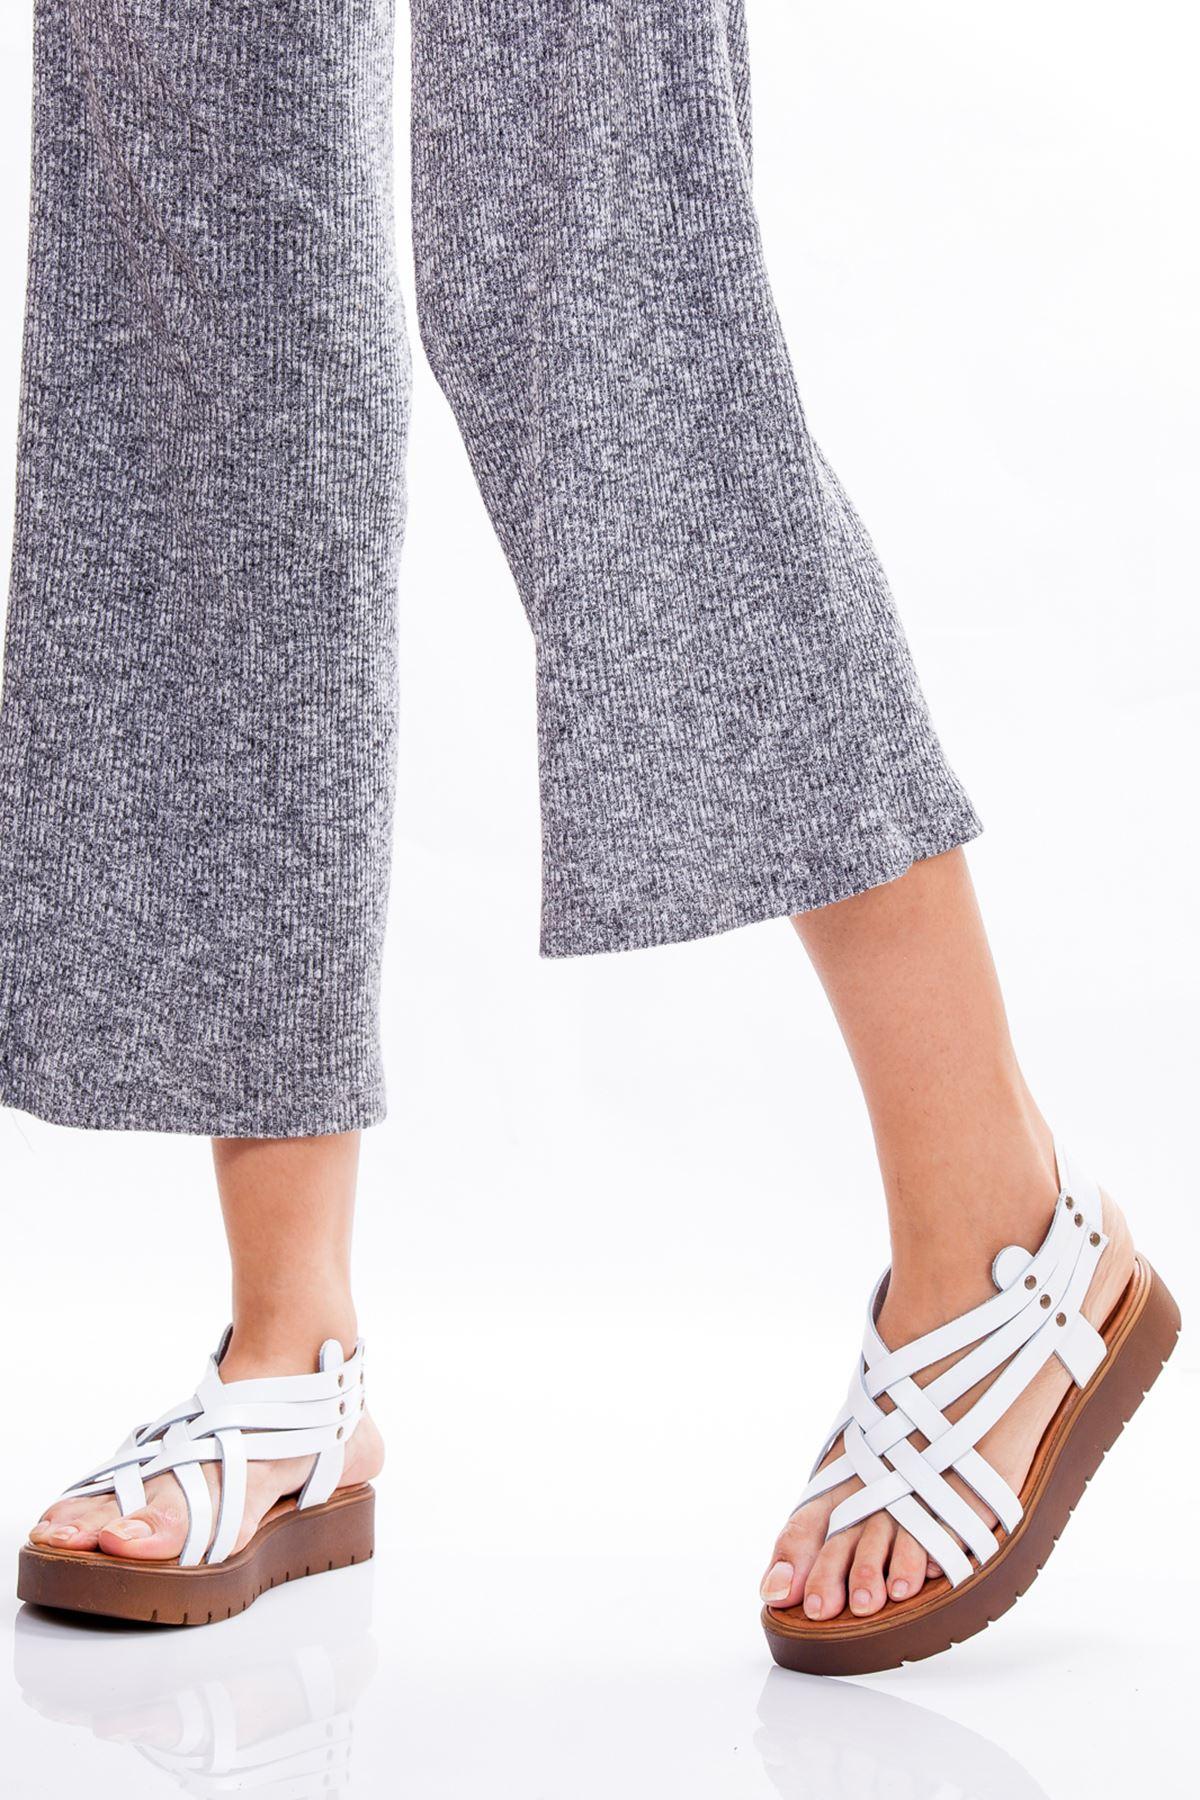 Amor Hakiki Deri Sandalet BEYAZ